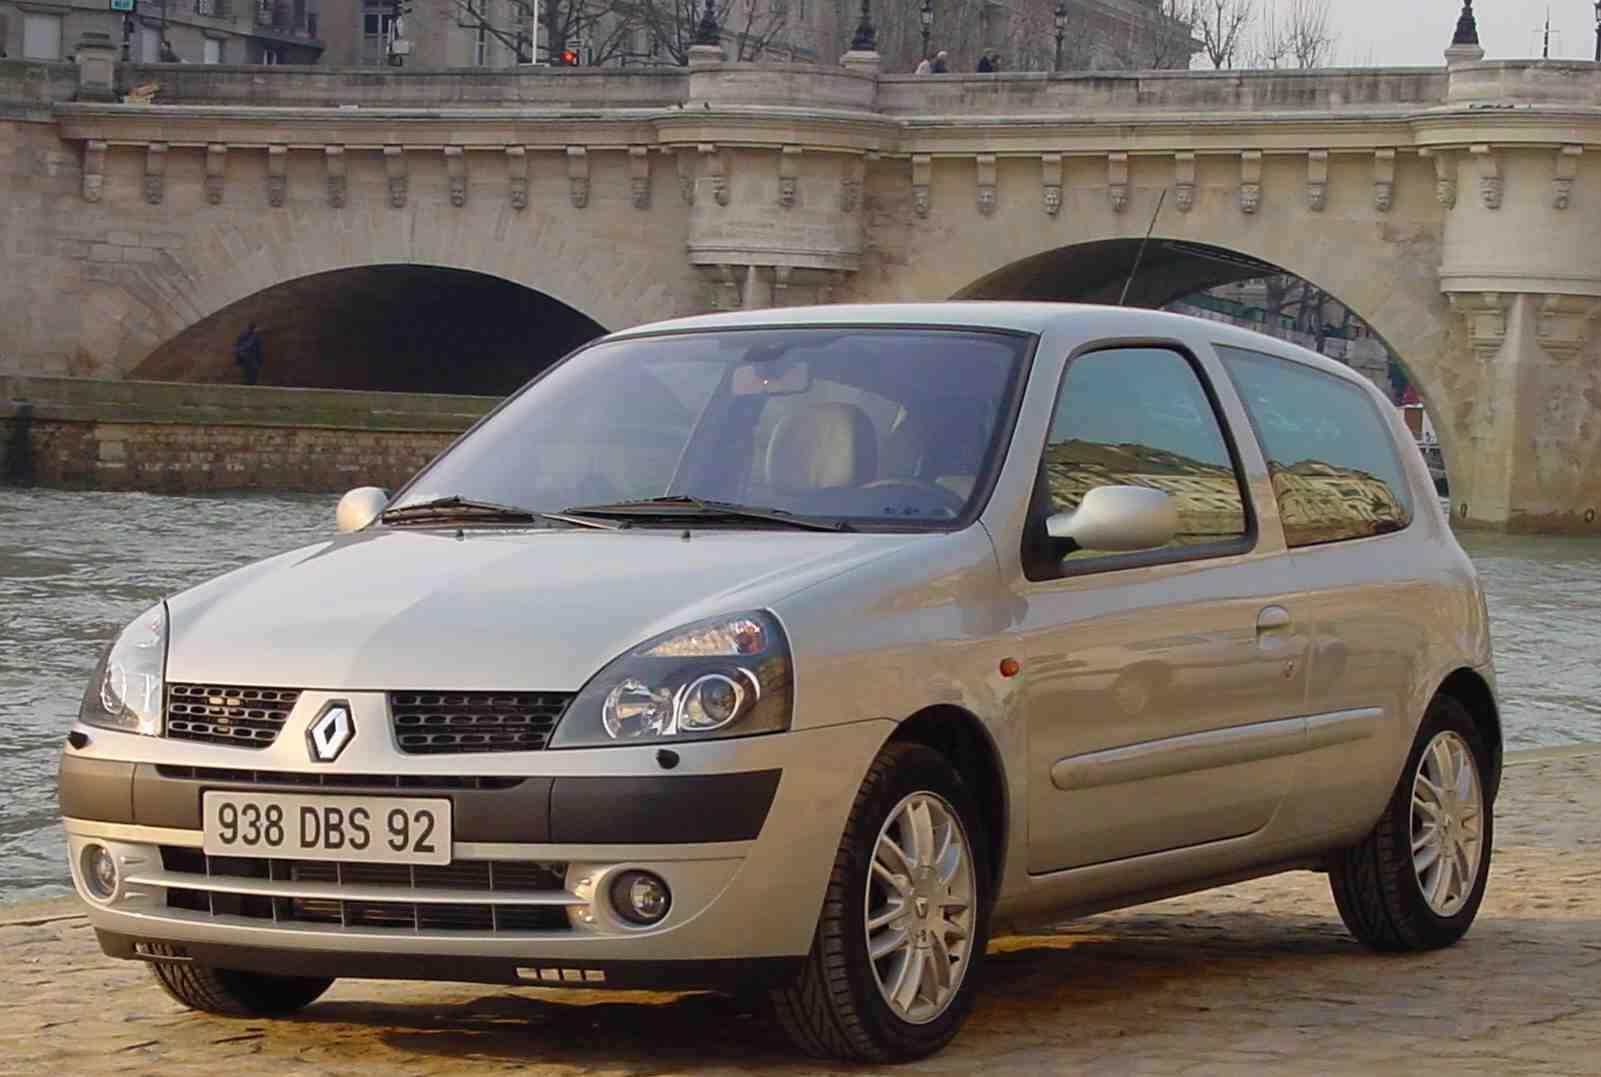 Quelle voiture acheter pour 3000 euros?